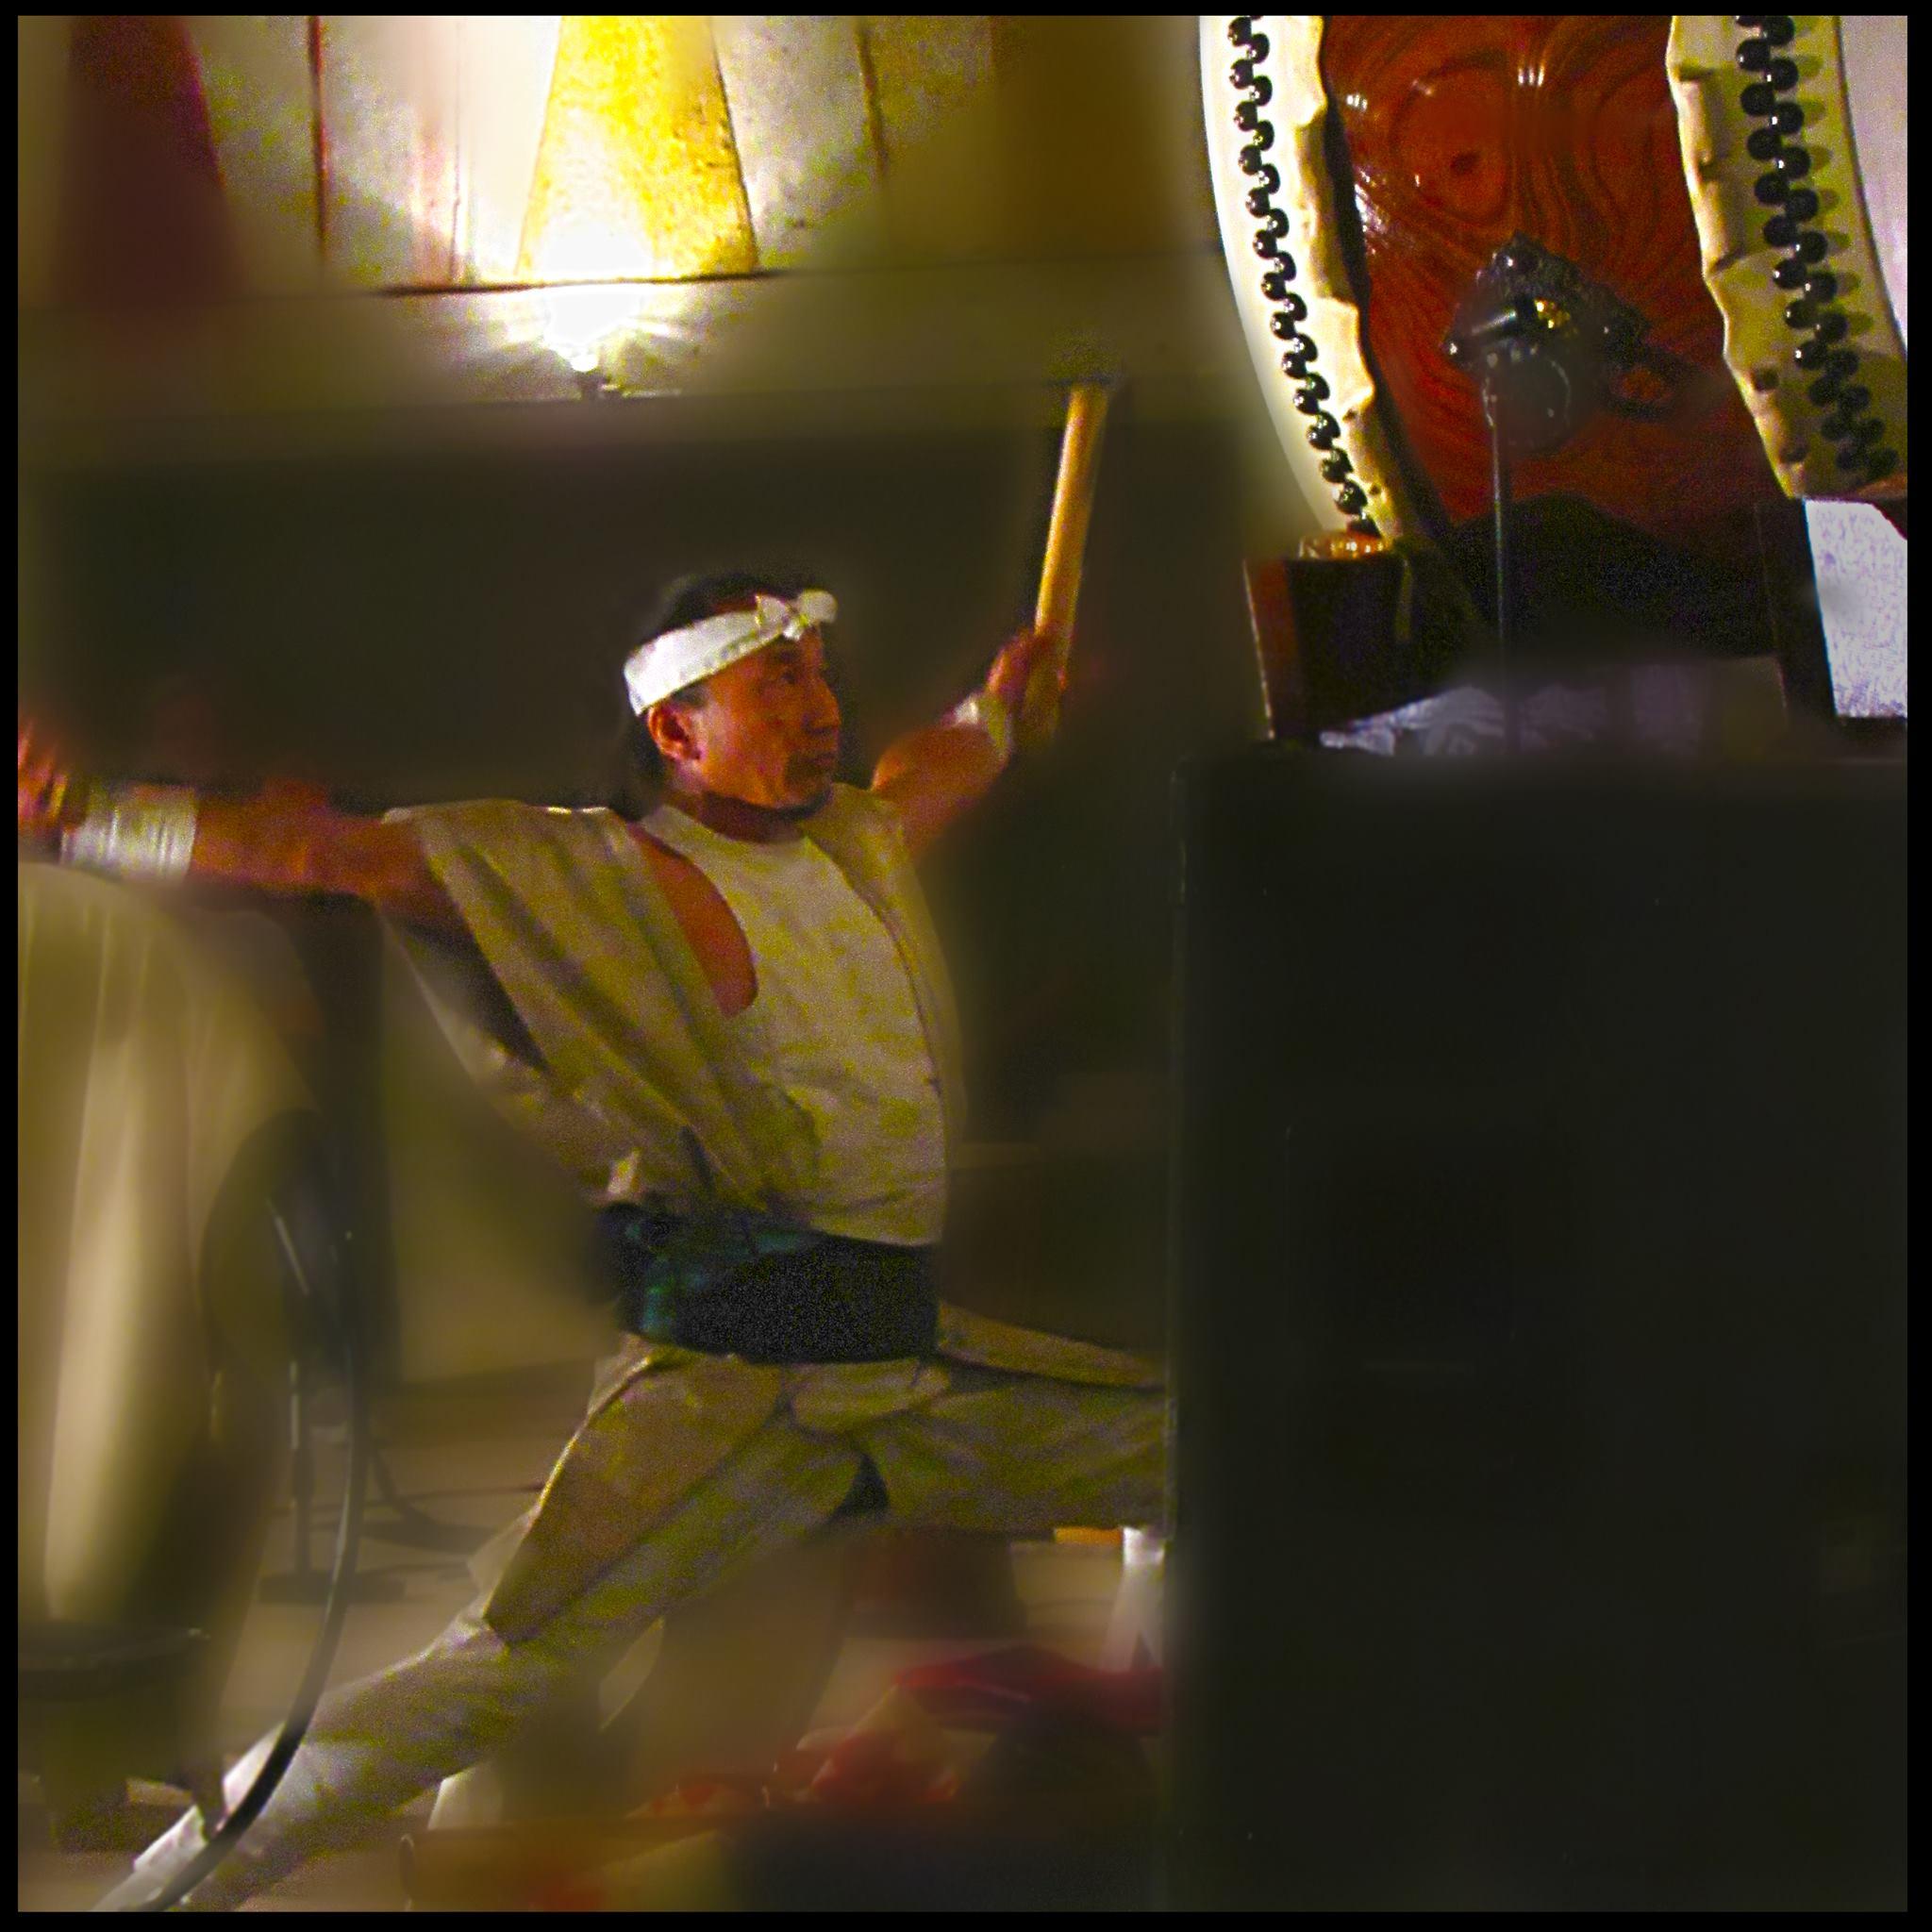 Ken Koshio - Taiko Player